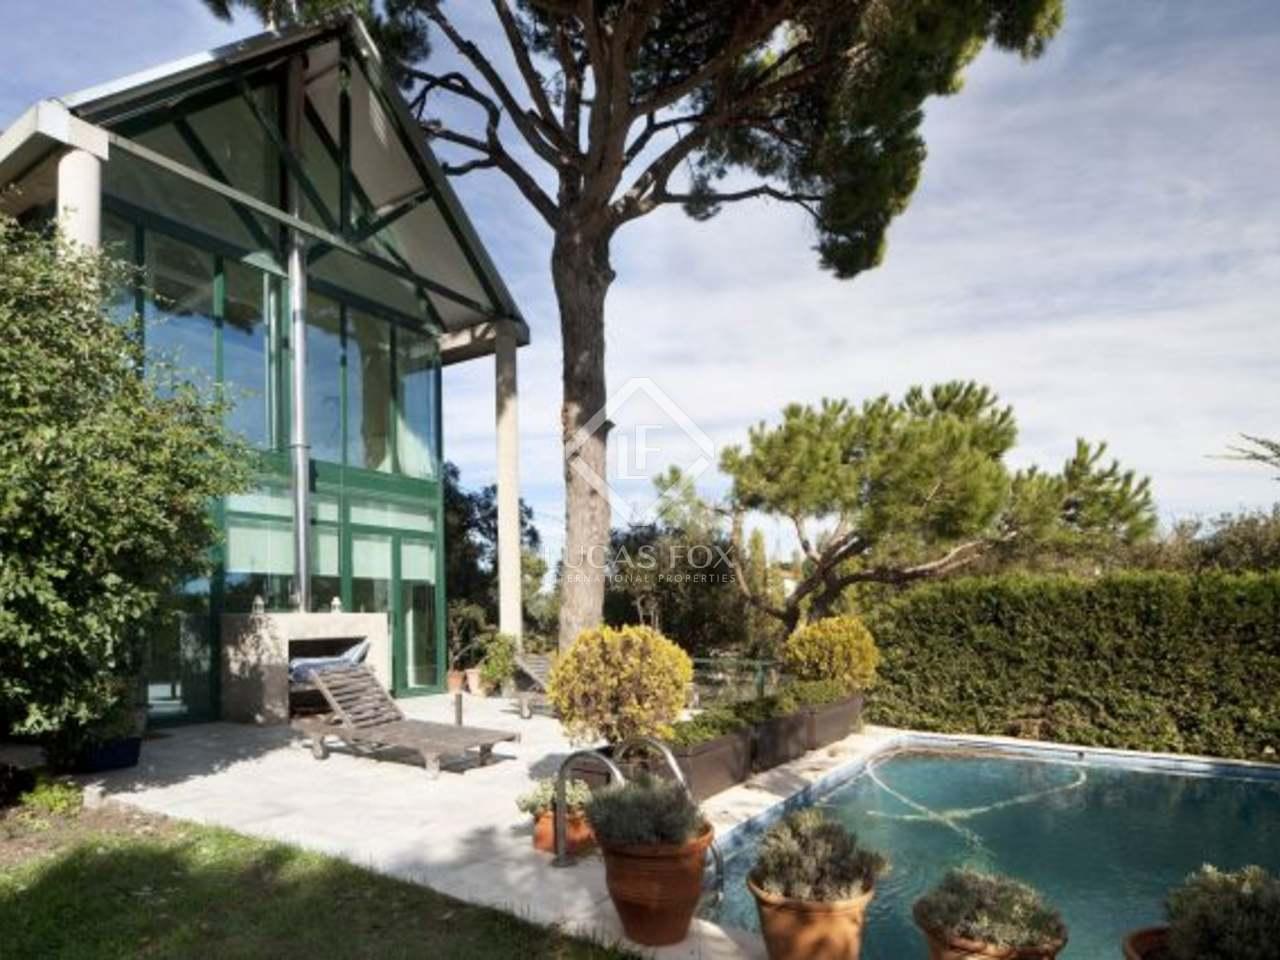 Casa con piscina y jard n en venta fant sticas vista a for Casa jardin barcelona